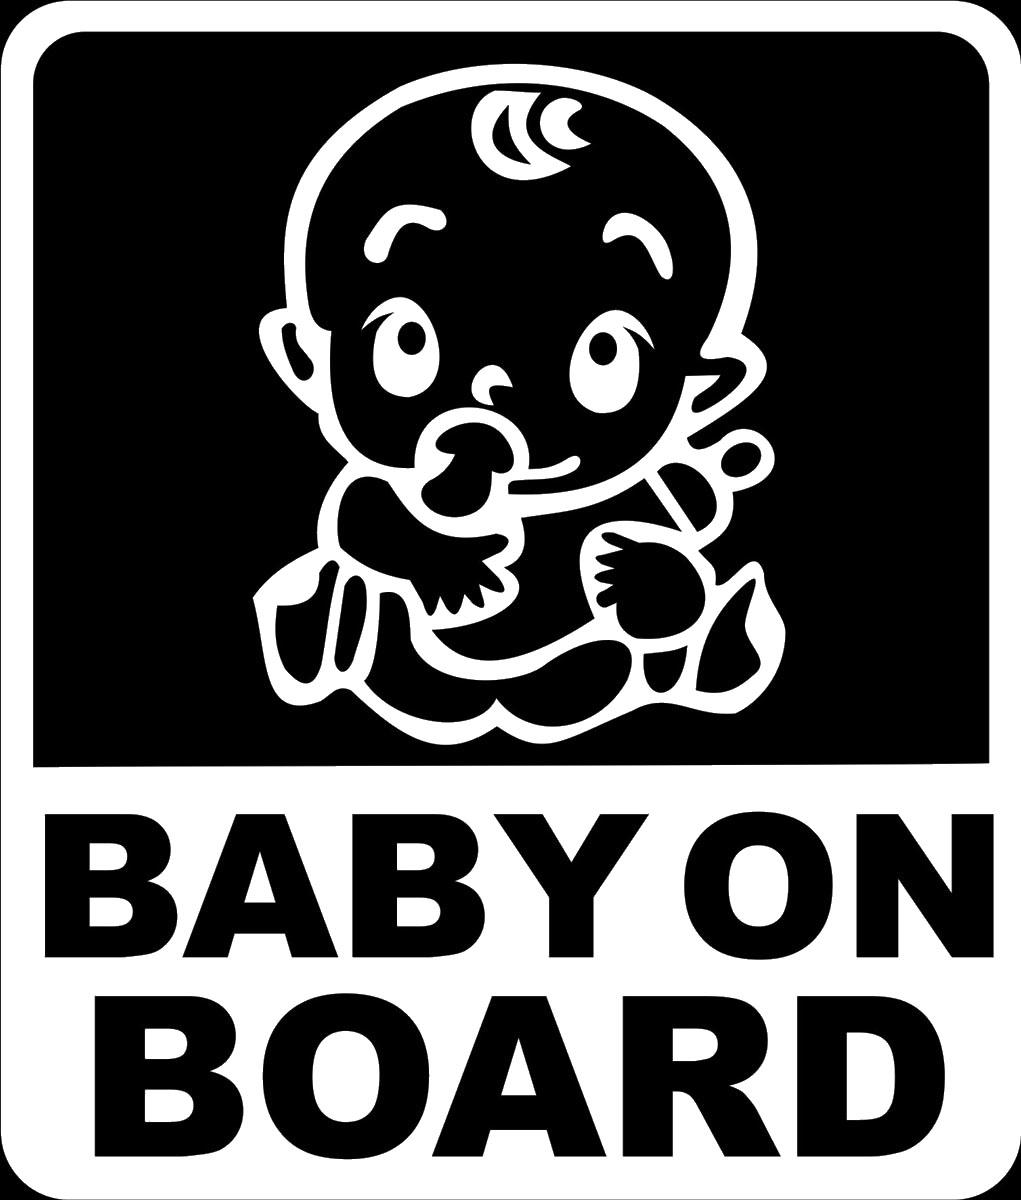 Наклейка автомобильная Оранжевый слоник Baby on Board. Квадрат 2, виниловая, цвет: белый150RM0006WОригинальная наклейка Оранжевый слоник Baby on Board. Квадрат 2 изготовлена из долговечного винила, который выполняет не только декоративную функцию, но и защищает кузов от небольших механических повреждений, либо скрывает уже существующие. Виниловые наклейки на авто - это не только красиво, но еще и быстро! Всего за несколько минут вы можете полностью преобразить свой автомобиль, сделать его ярким, необычным, особенным и неповторимым!